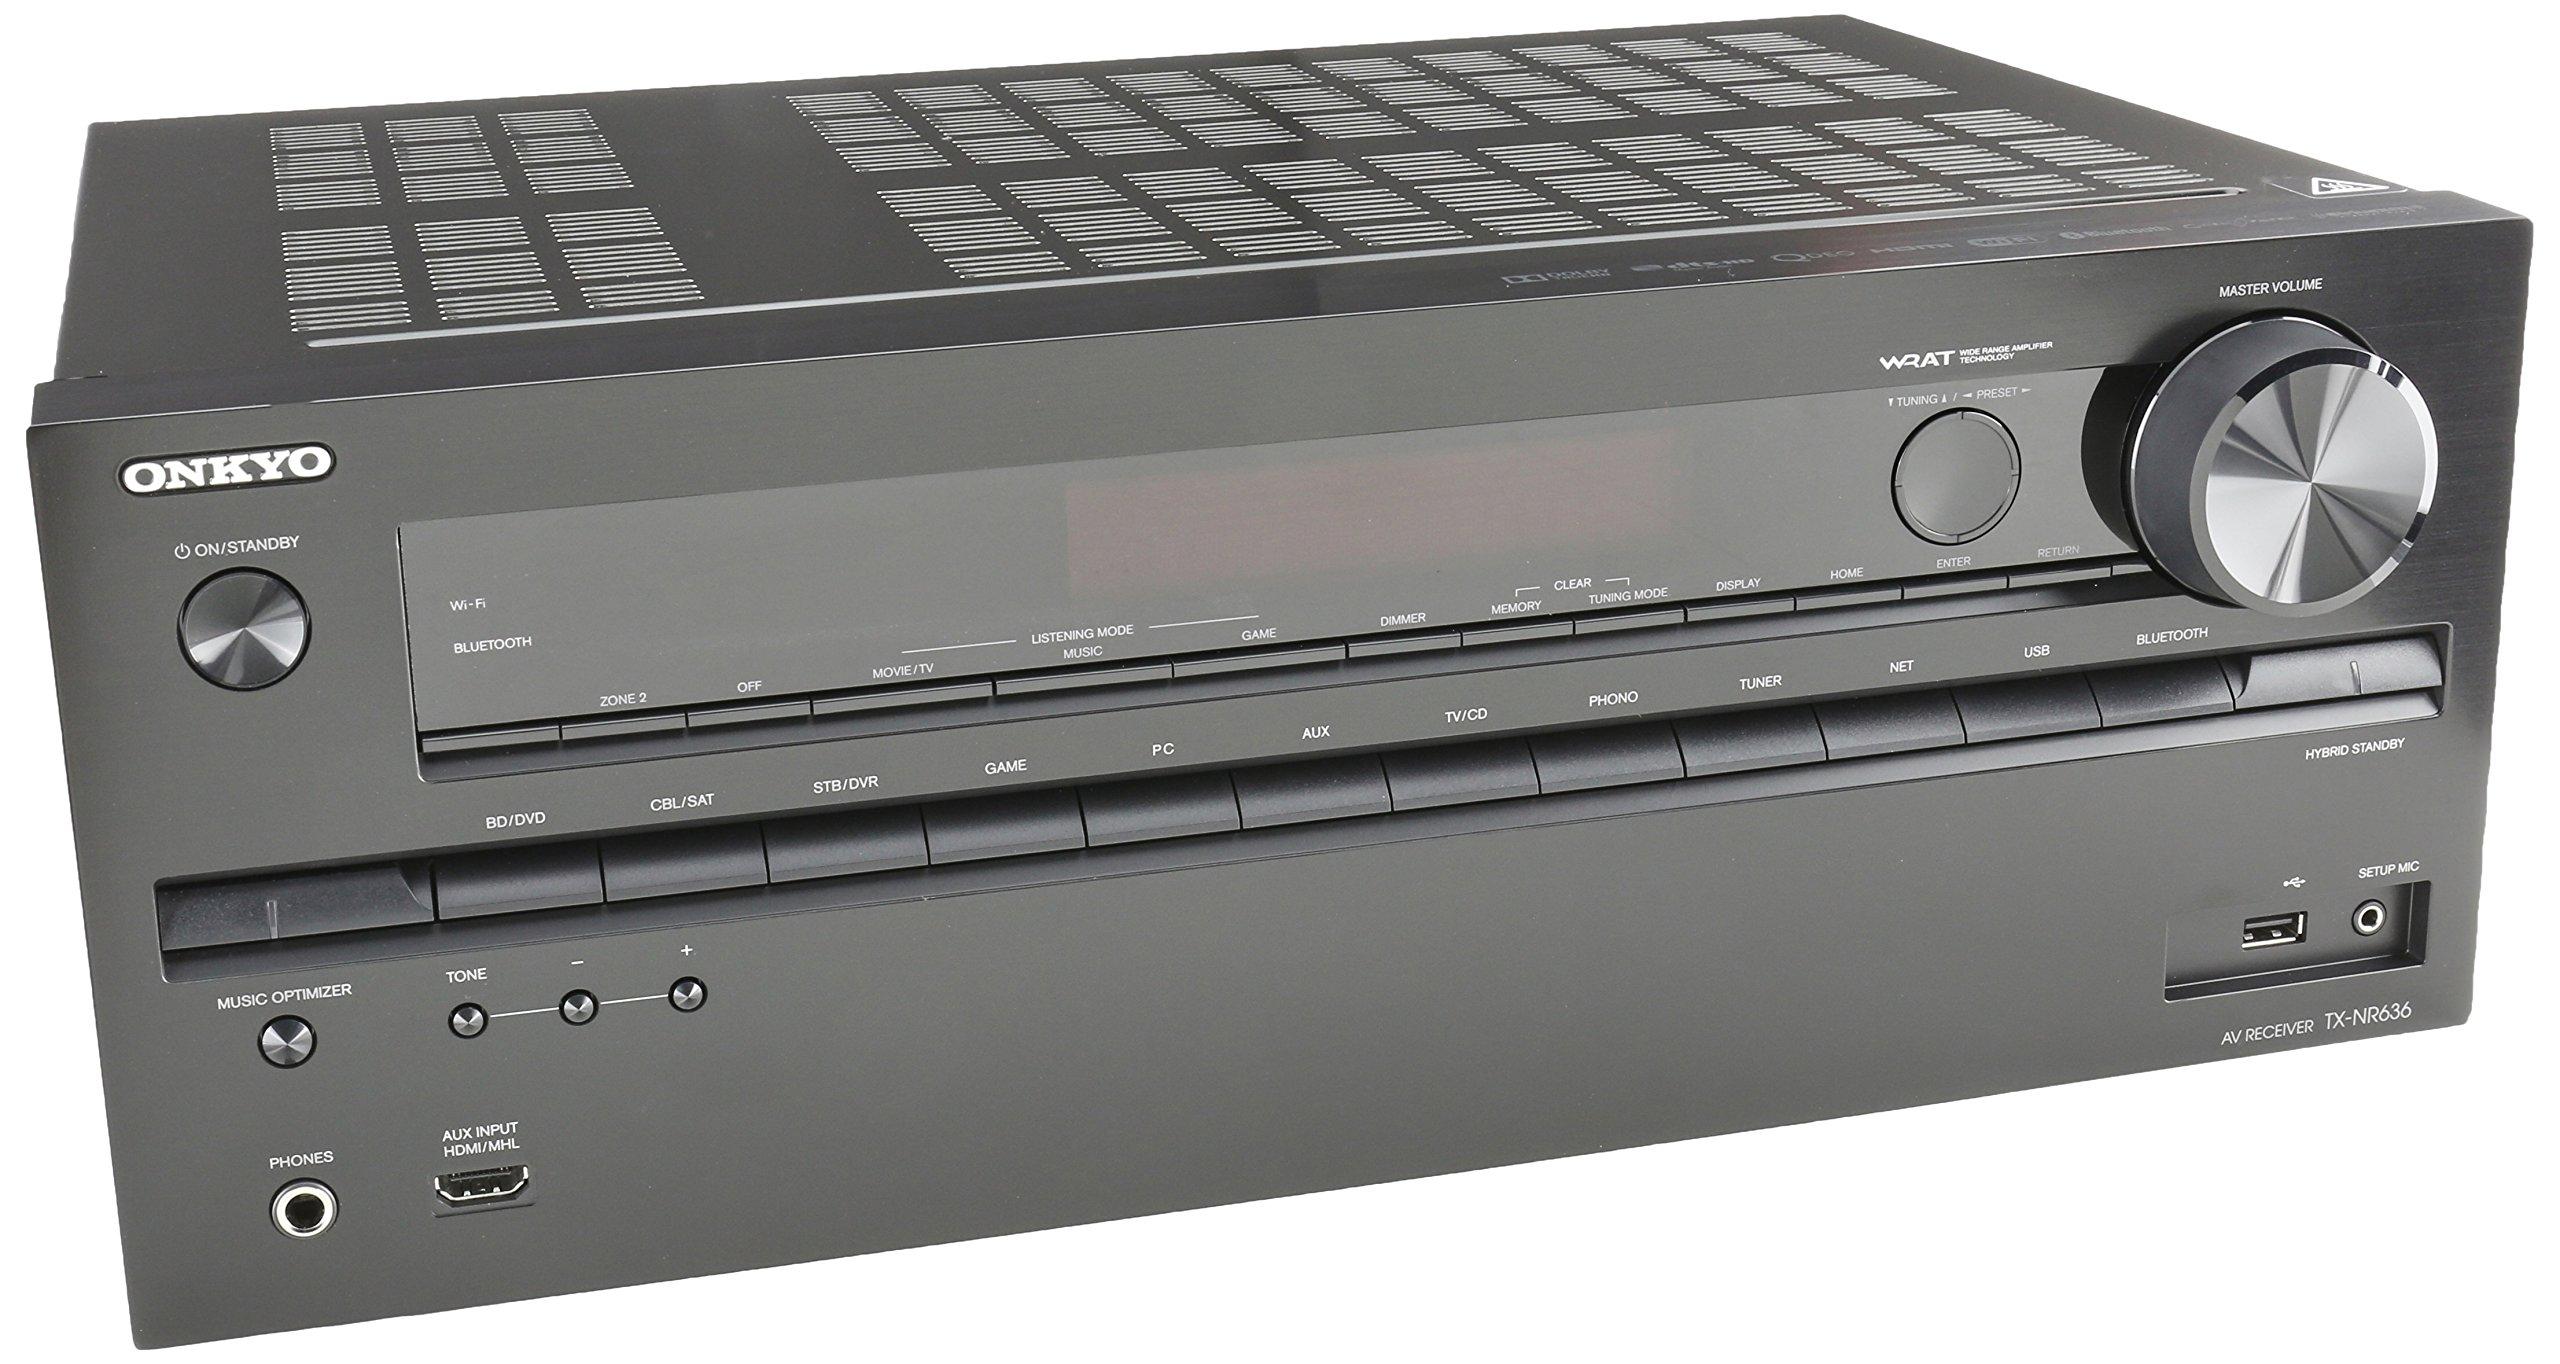 Onkyo TX-NR636 7.2-Ch Dolby Atmos Ready Network A/V Receiver w/ HDMI 2.0 by Onkyo